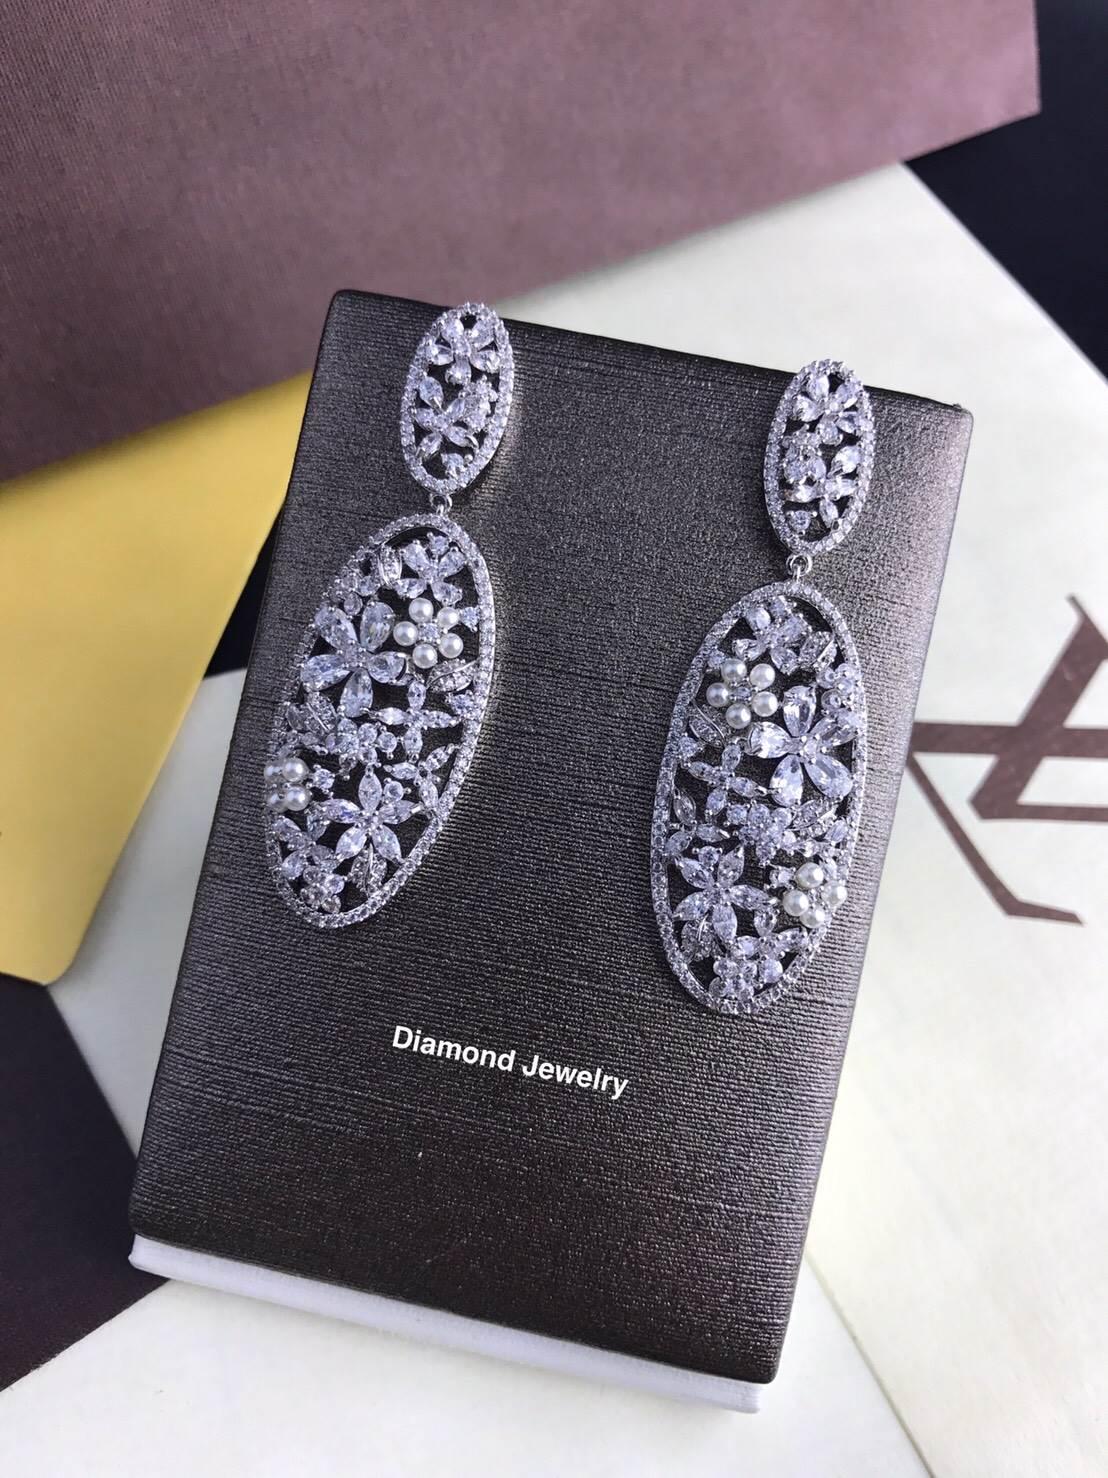 พร้อมส่ง Diamond Earring ต่างหูเพชร CZ แท้ประดับมุก